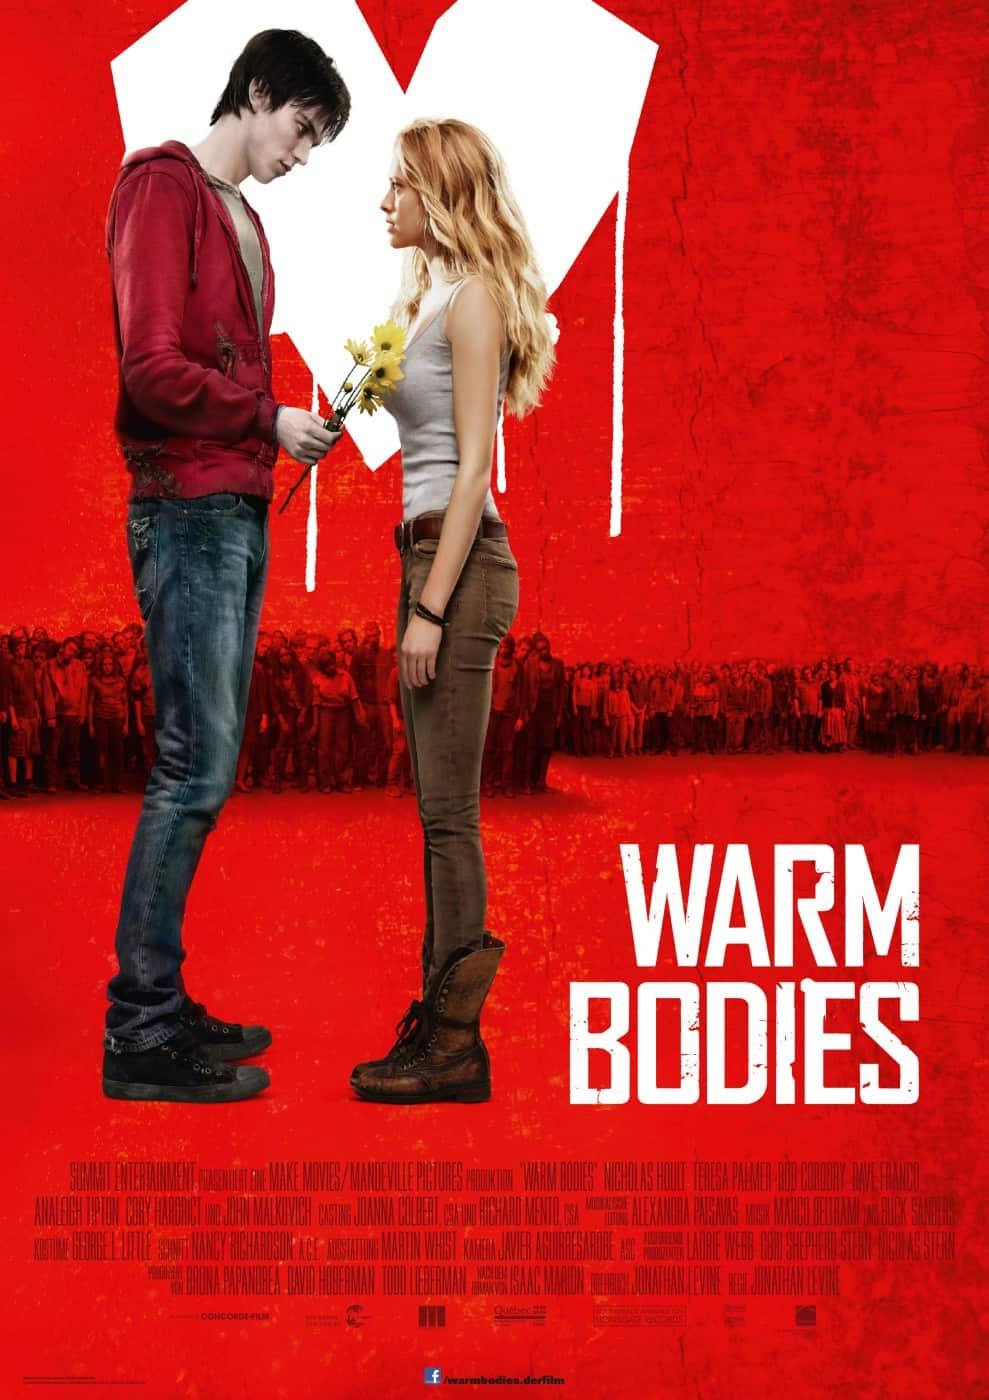 หนังแนะนำประจำวันวาเลนไทน์ – Warm Bodies ซอมบี้ที่รัก